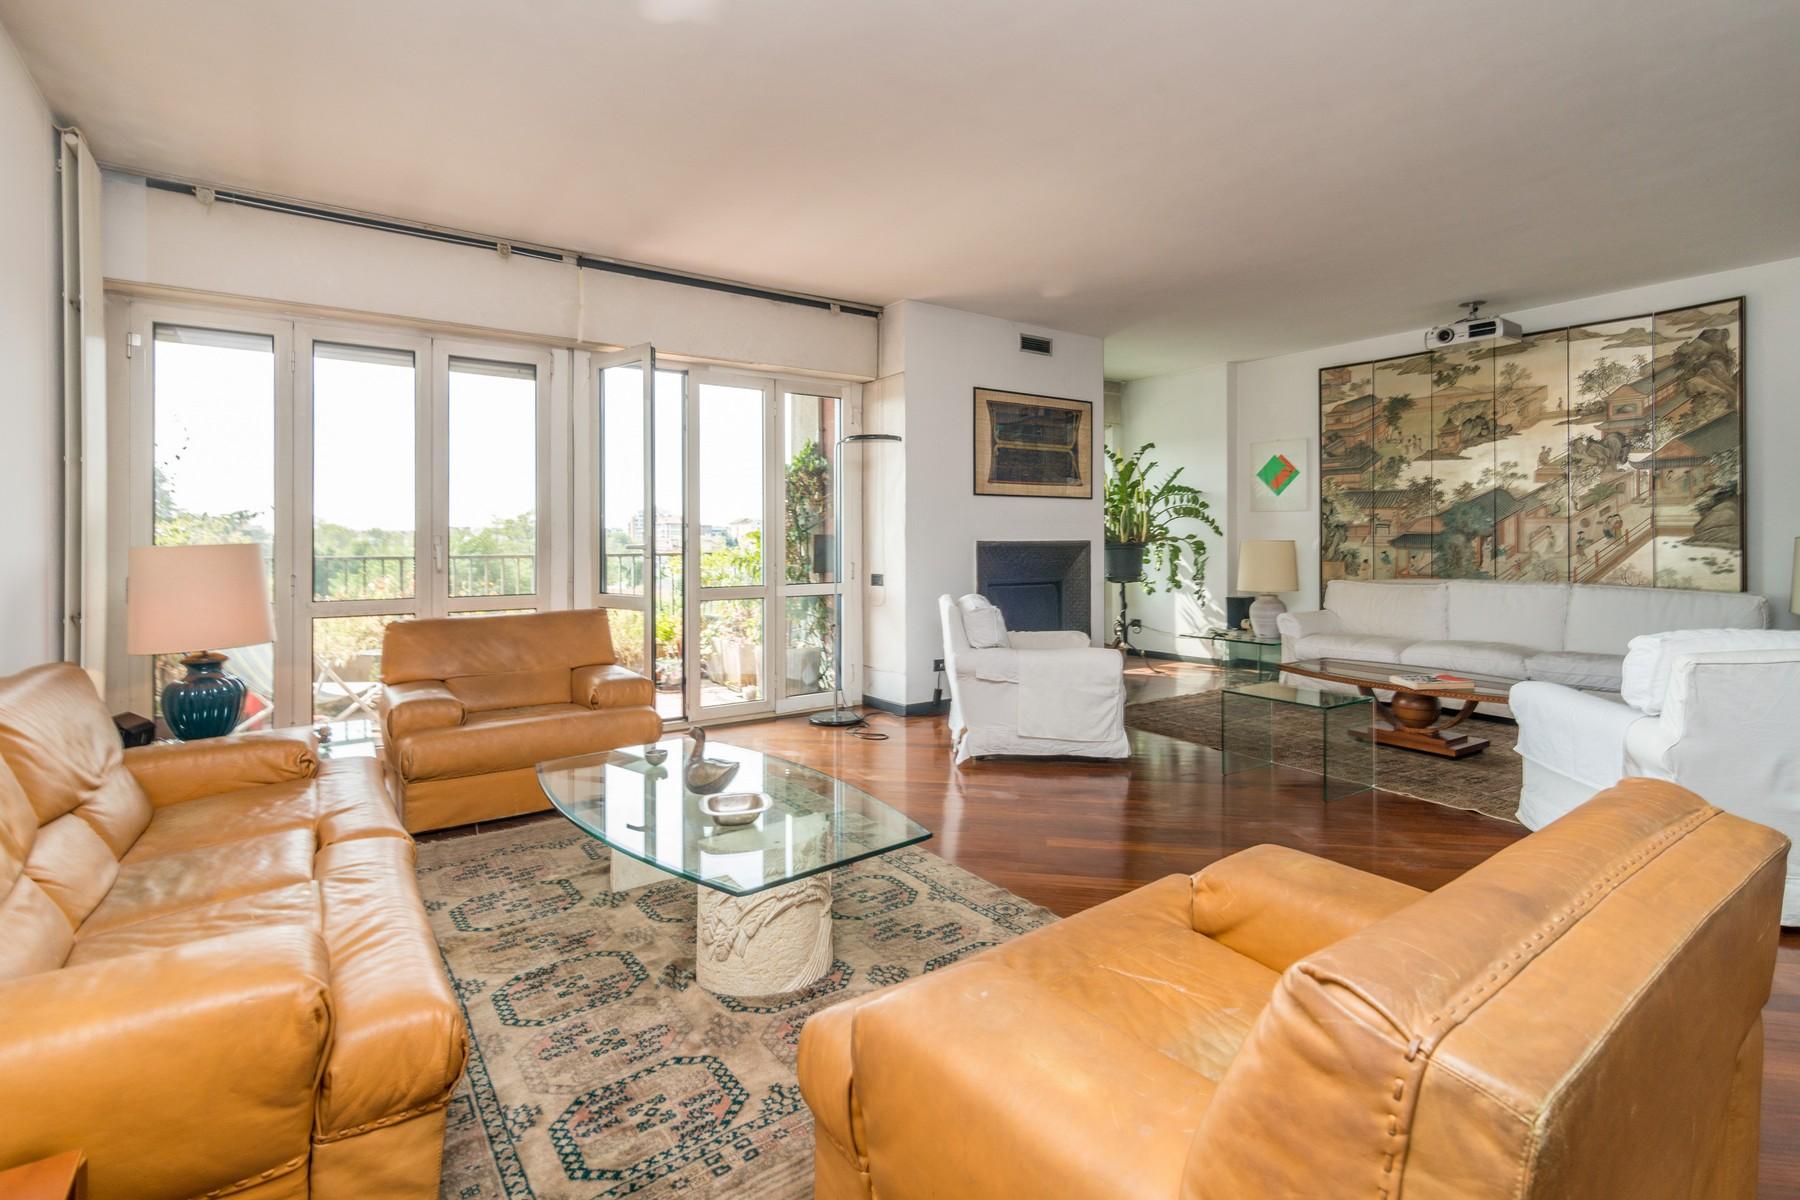 Appartamento di lusso in vendita a milano via angelo carlo for Appartamenti di design milano